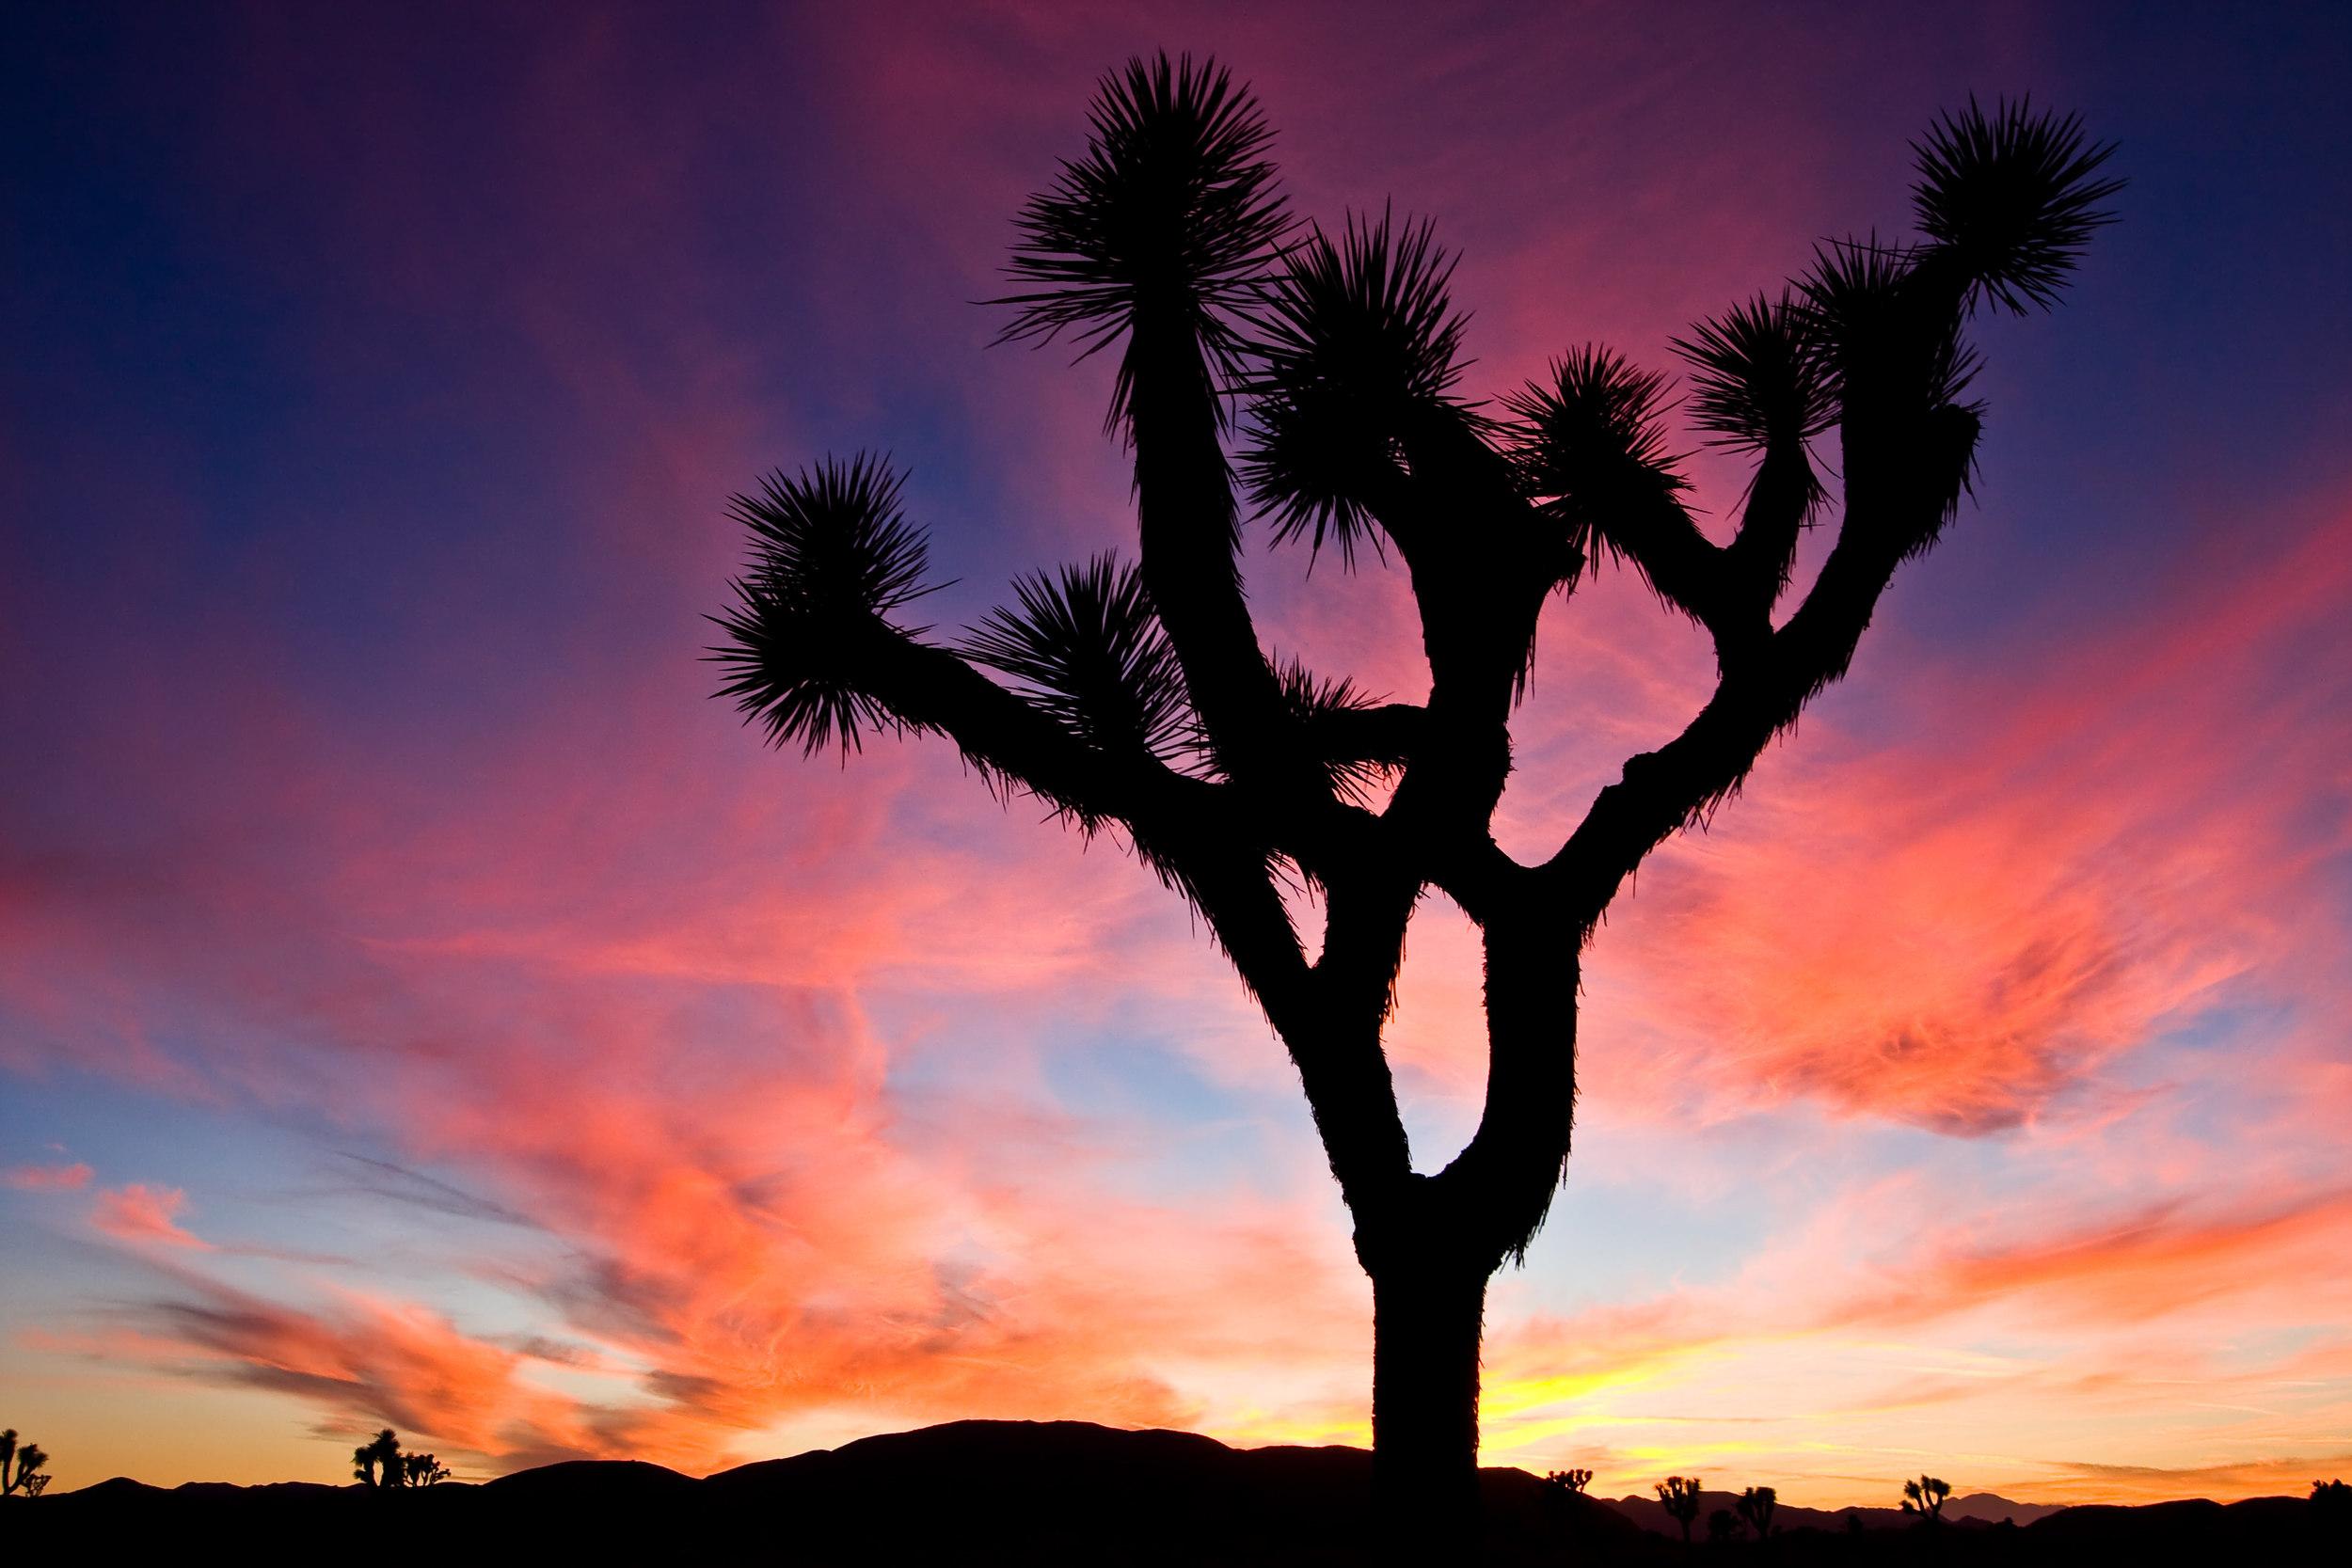 Silhouetted Joshua Tree At Sunset (Photo: Aneta Waberska/Shutterstock)